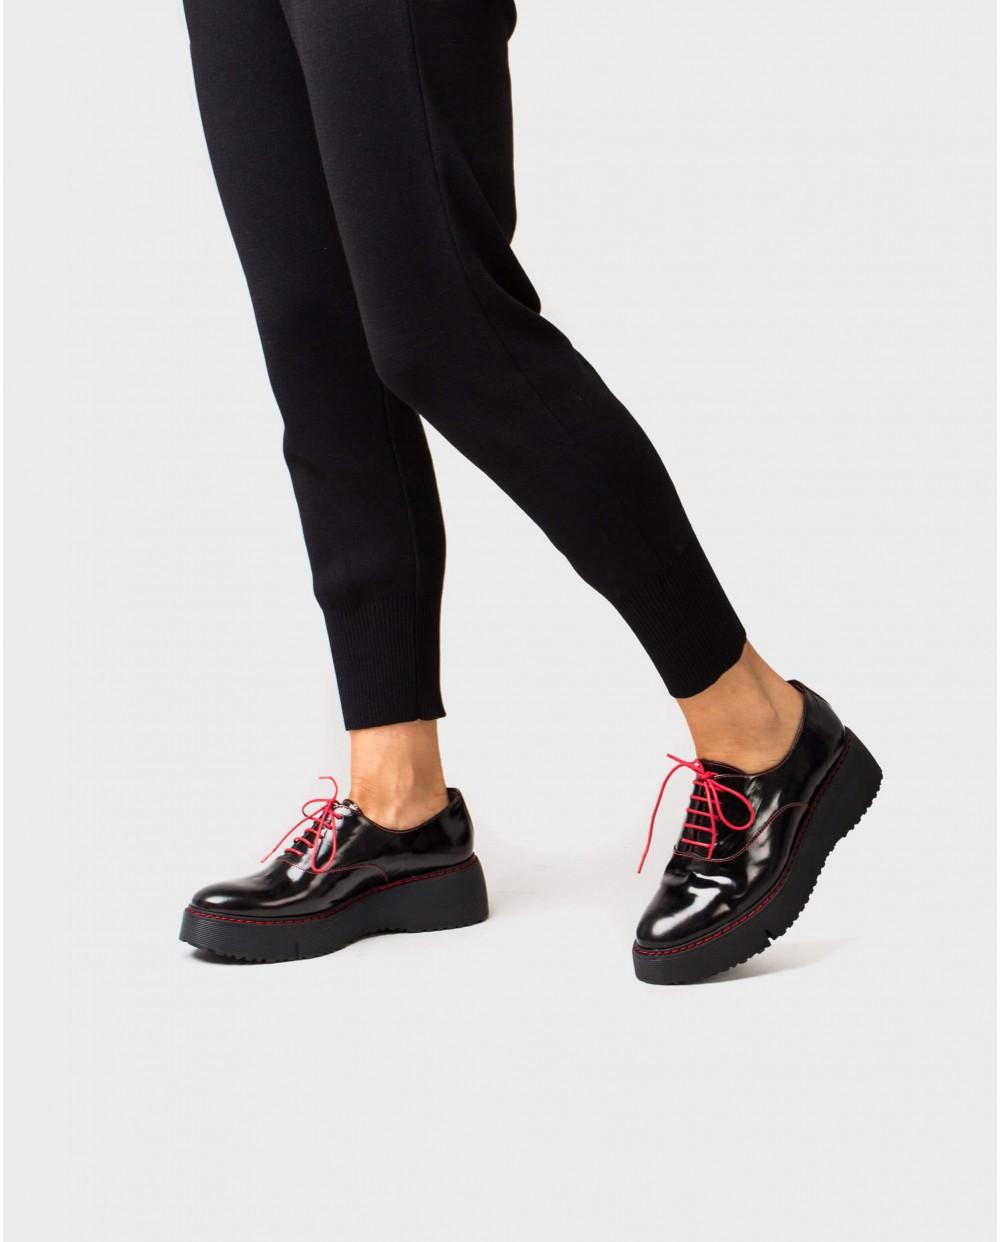 Wonders-Flat Shoes-Tartan print sneaker with wedge